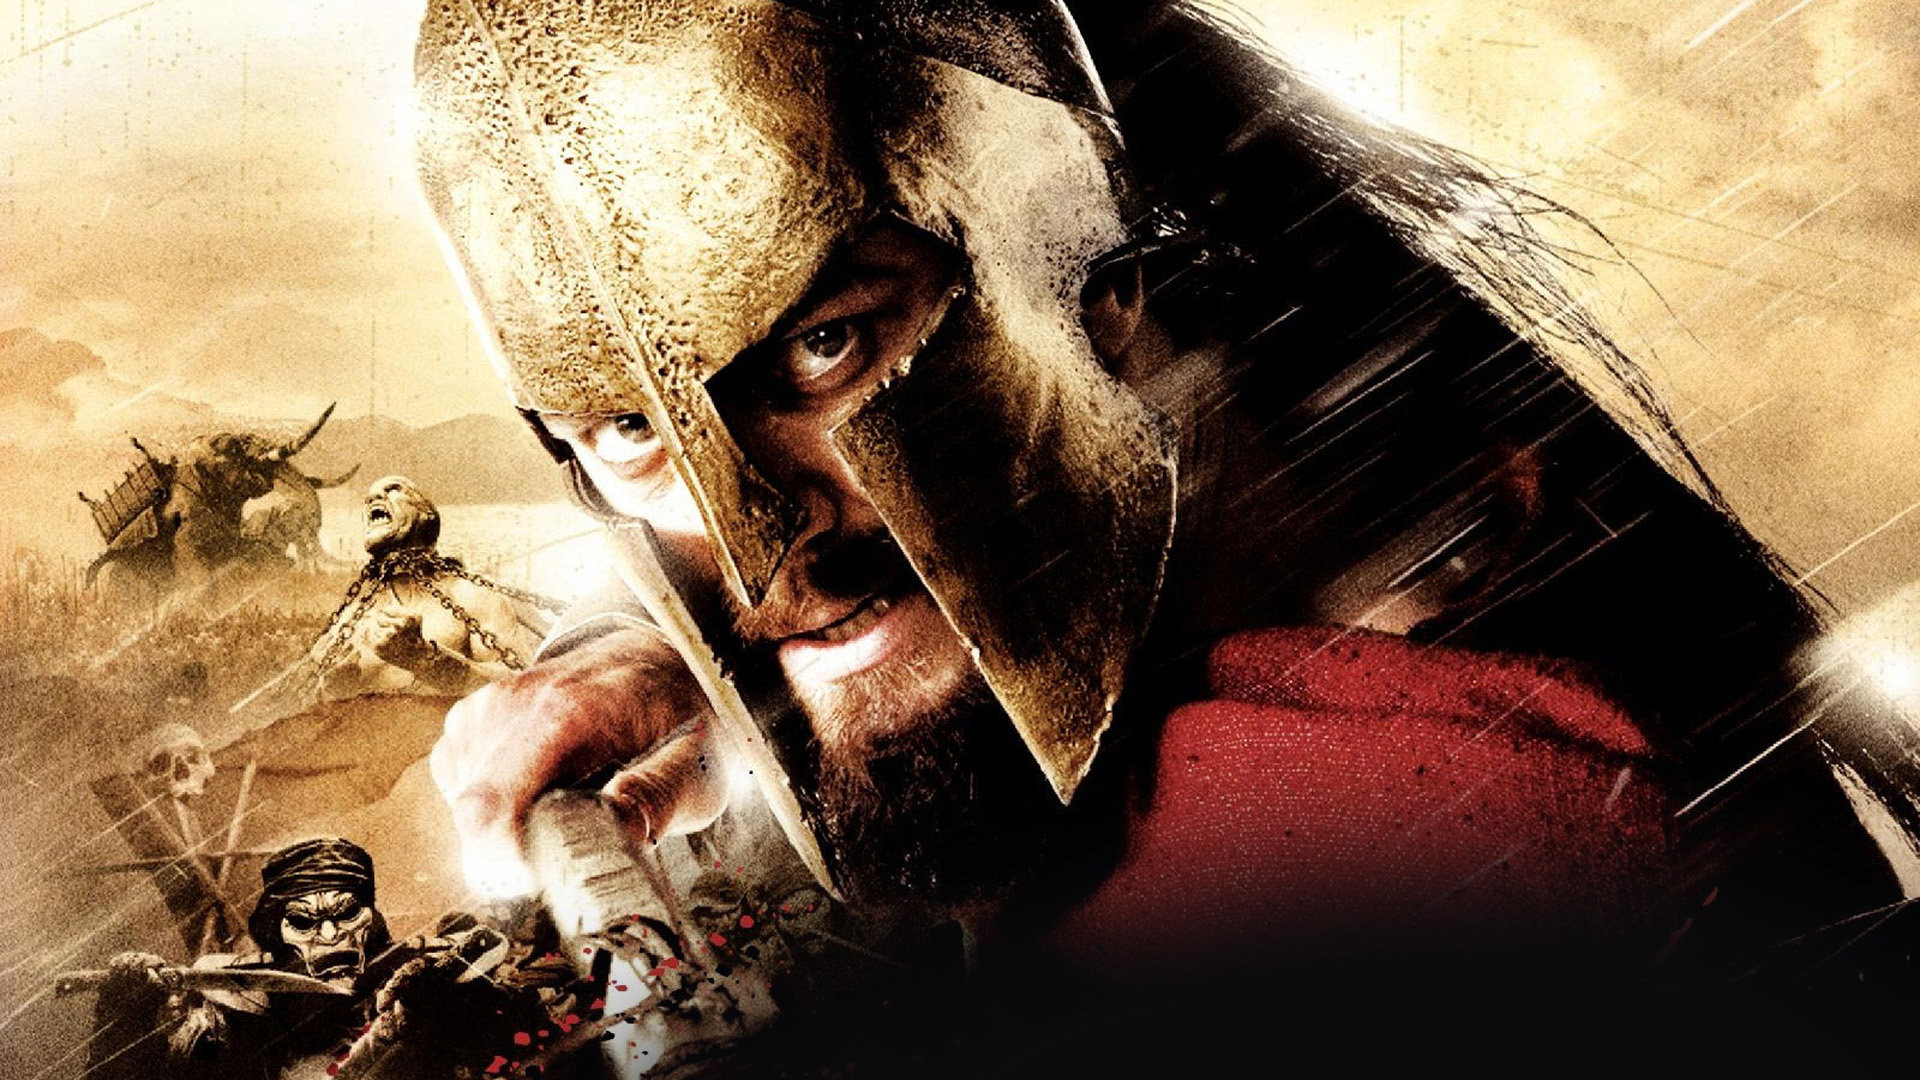 смотреть онлайн 300 спартанцев в качестве hd 1080